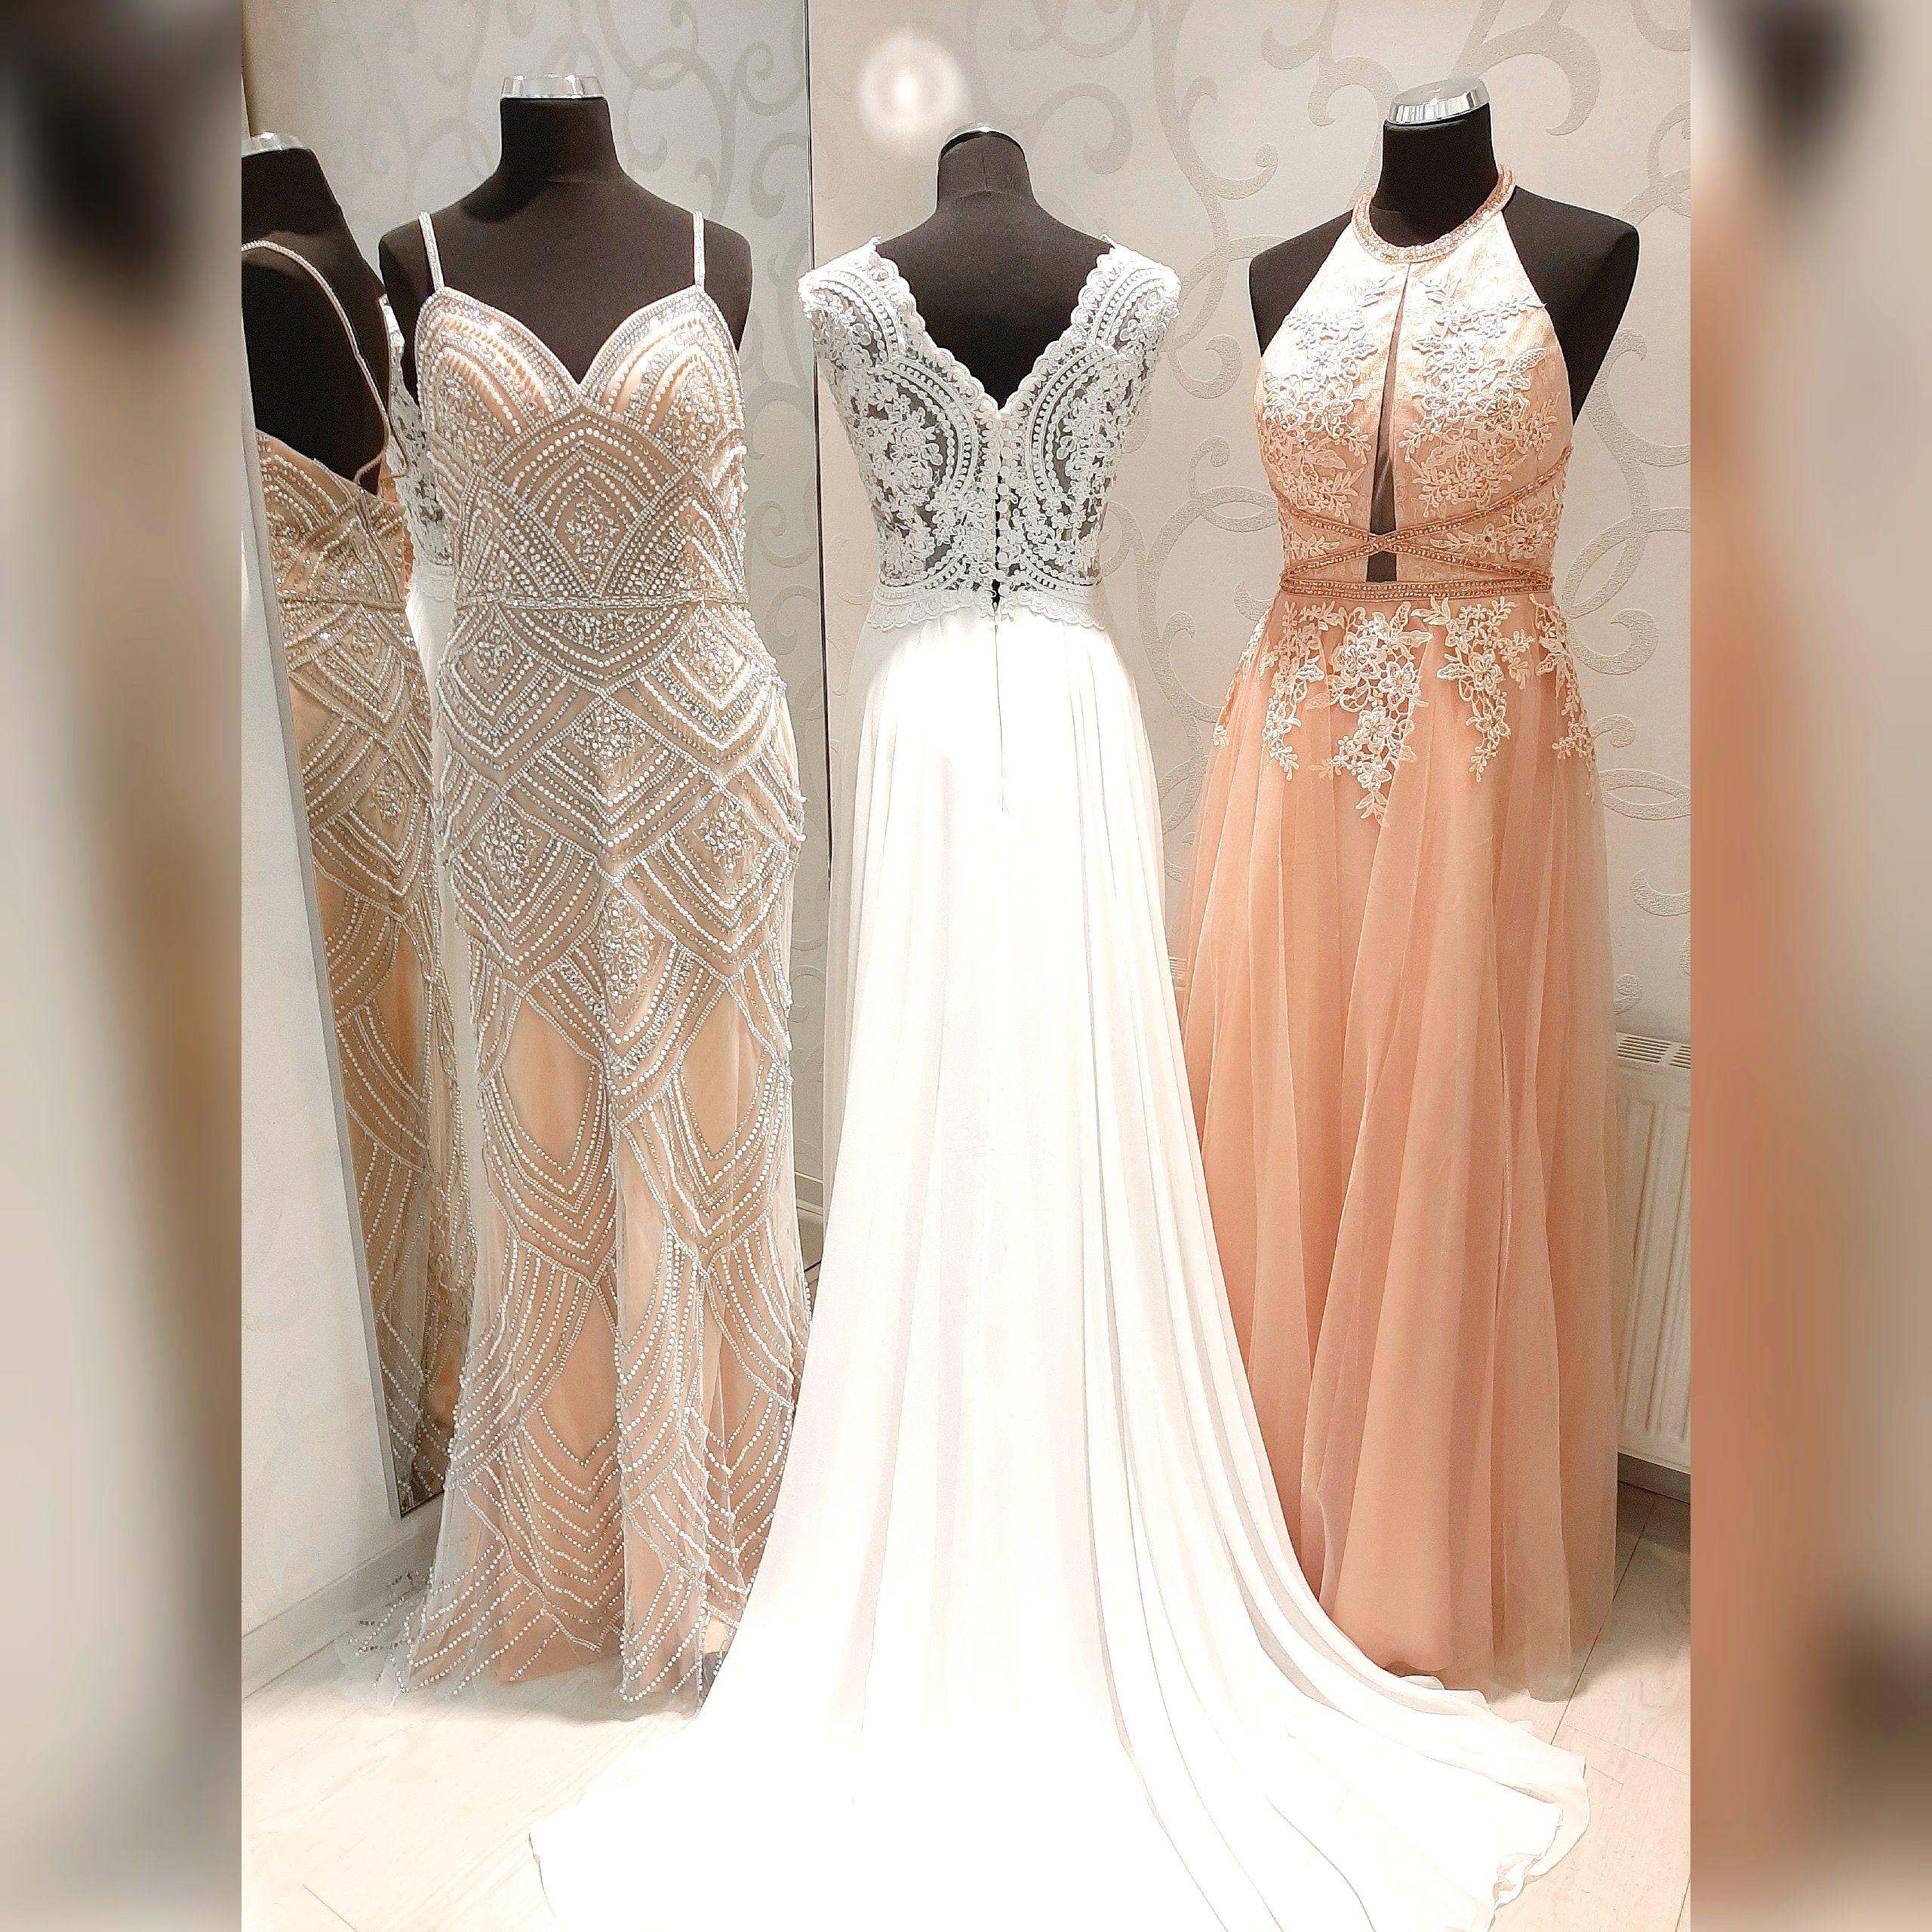 Brautkleider Abendkleider - Traumhaft schön in 9  Abendkleid